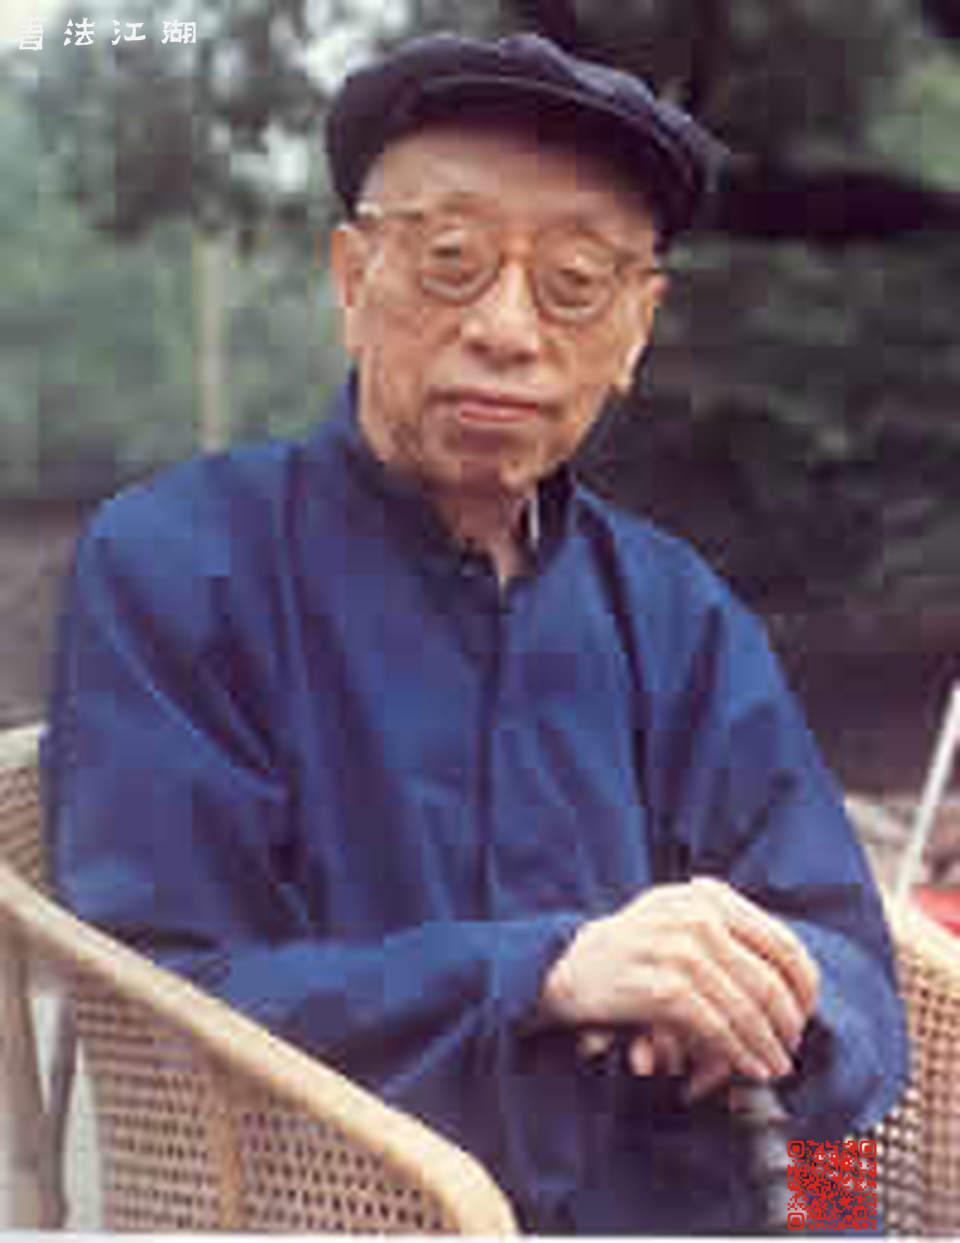 姜亮夫(1902-1995)云南昭通人。国学大师、著名楚辞学、敦煌学、语言音韵学、历史文献学家.jpg